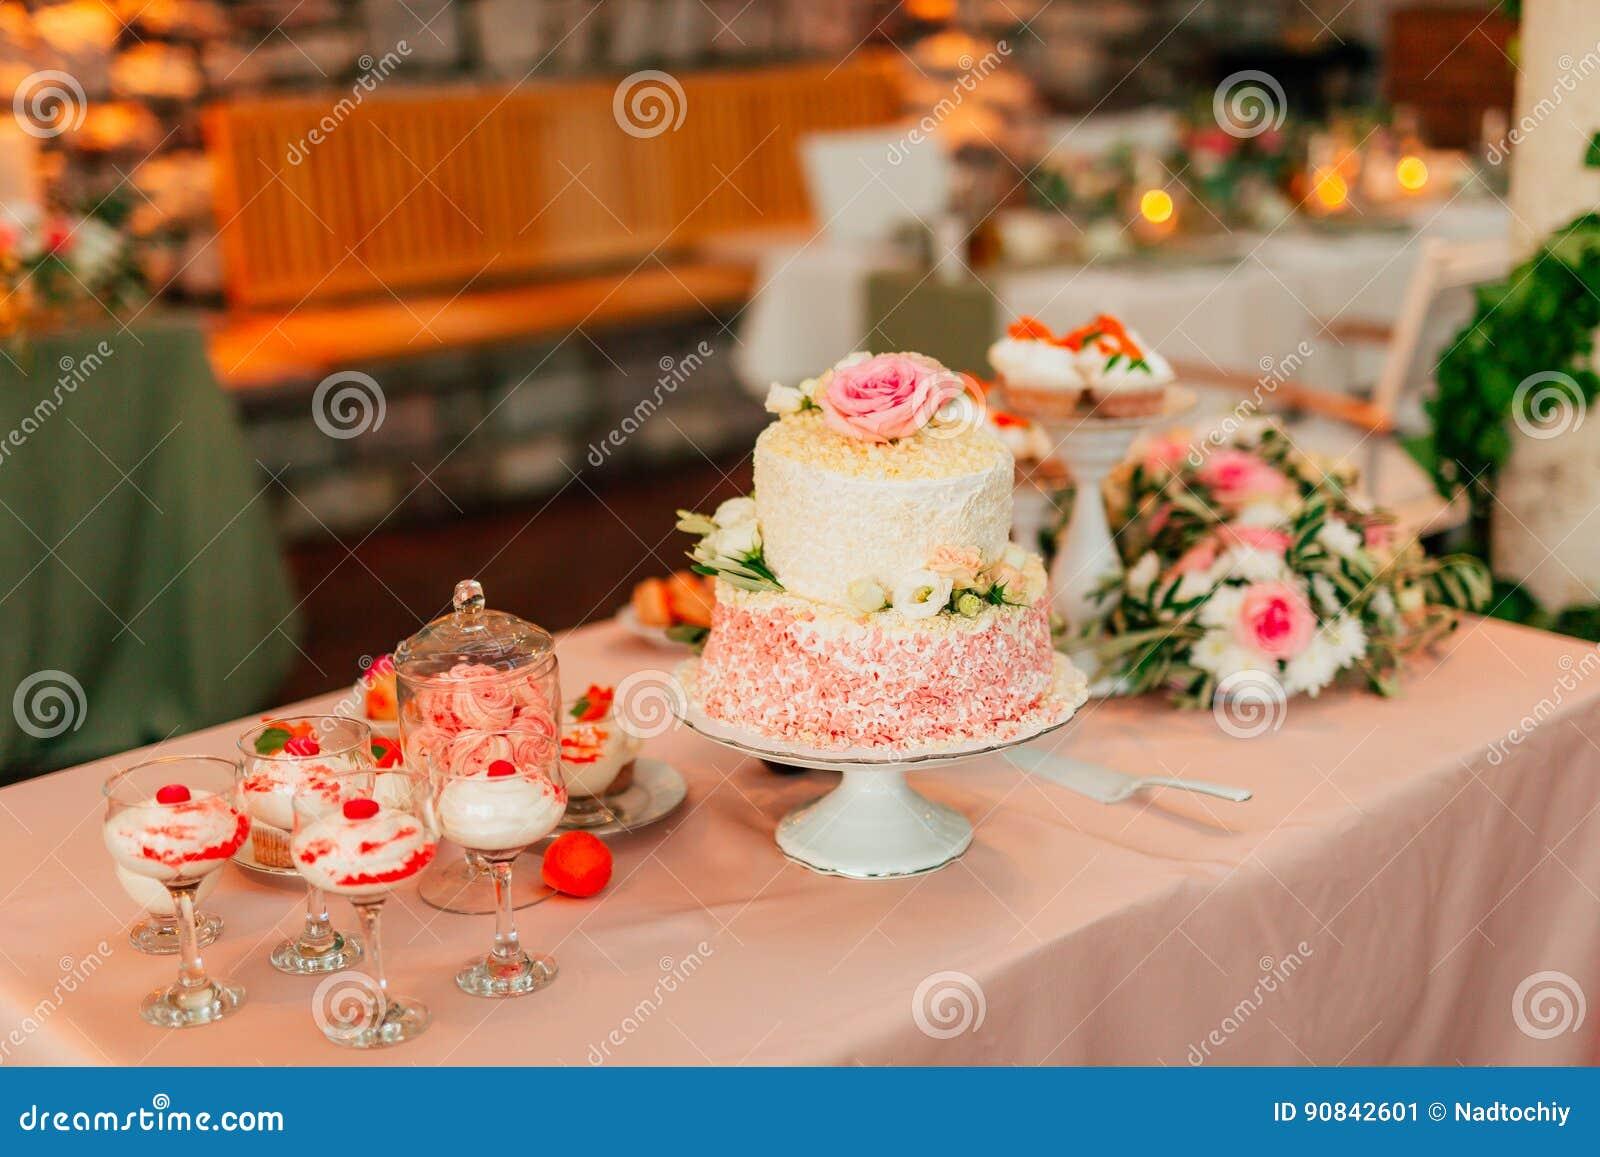 Hochzeitstorte Rustikal Stockbild Bild Von Beere Hintergrund